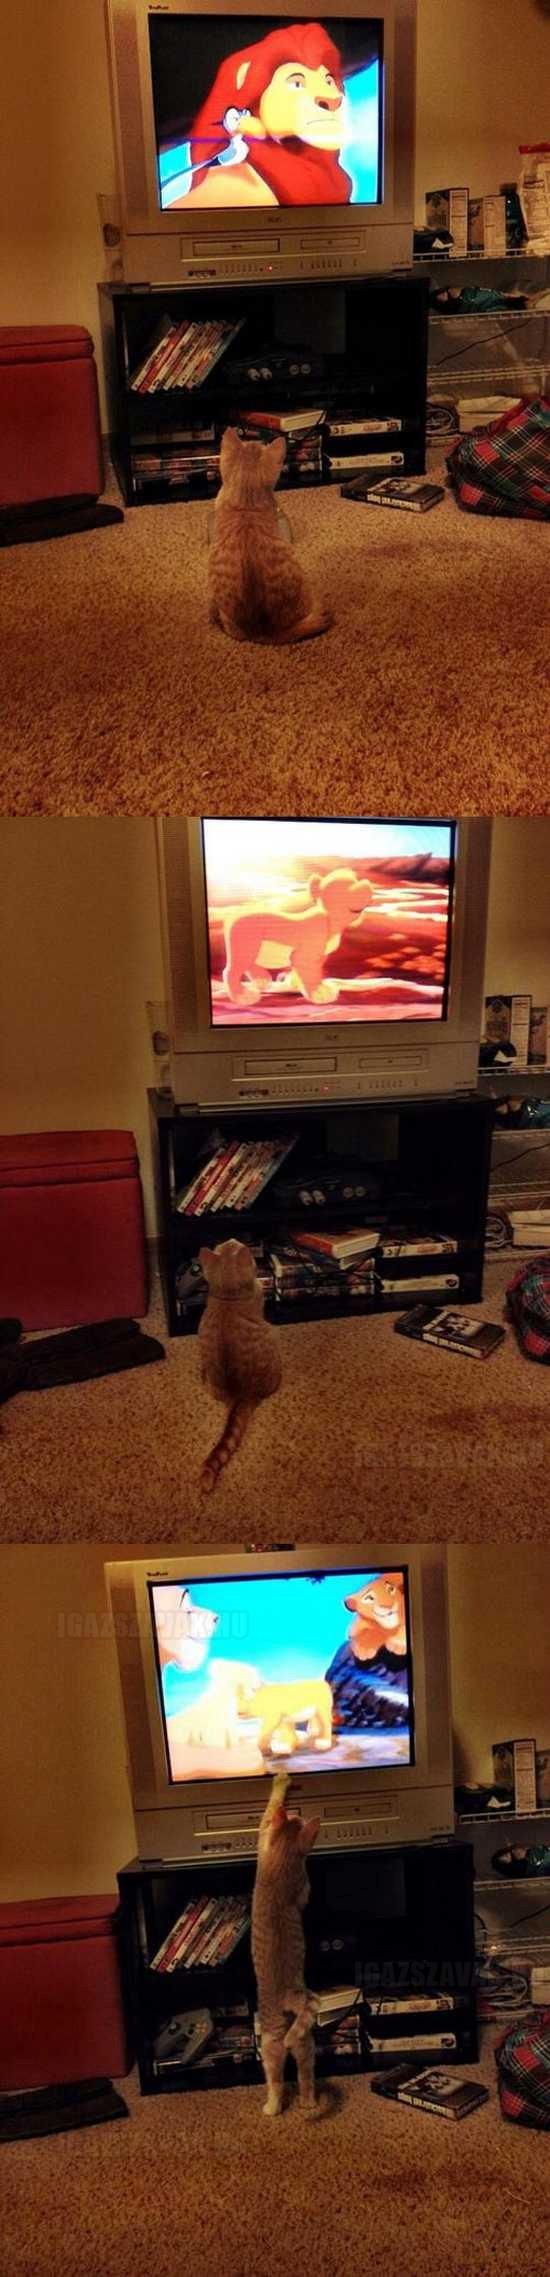 mindenki szereti az oroszlánkirályt